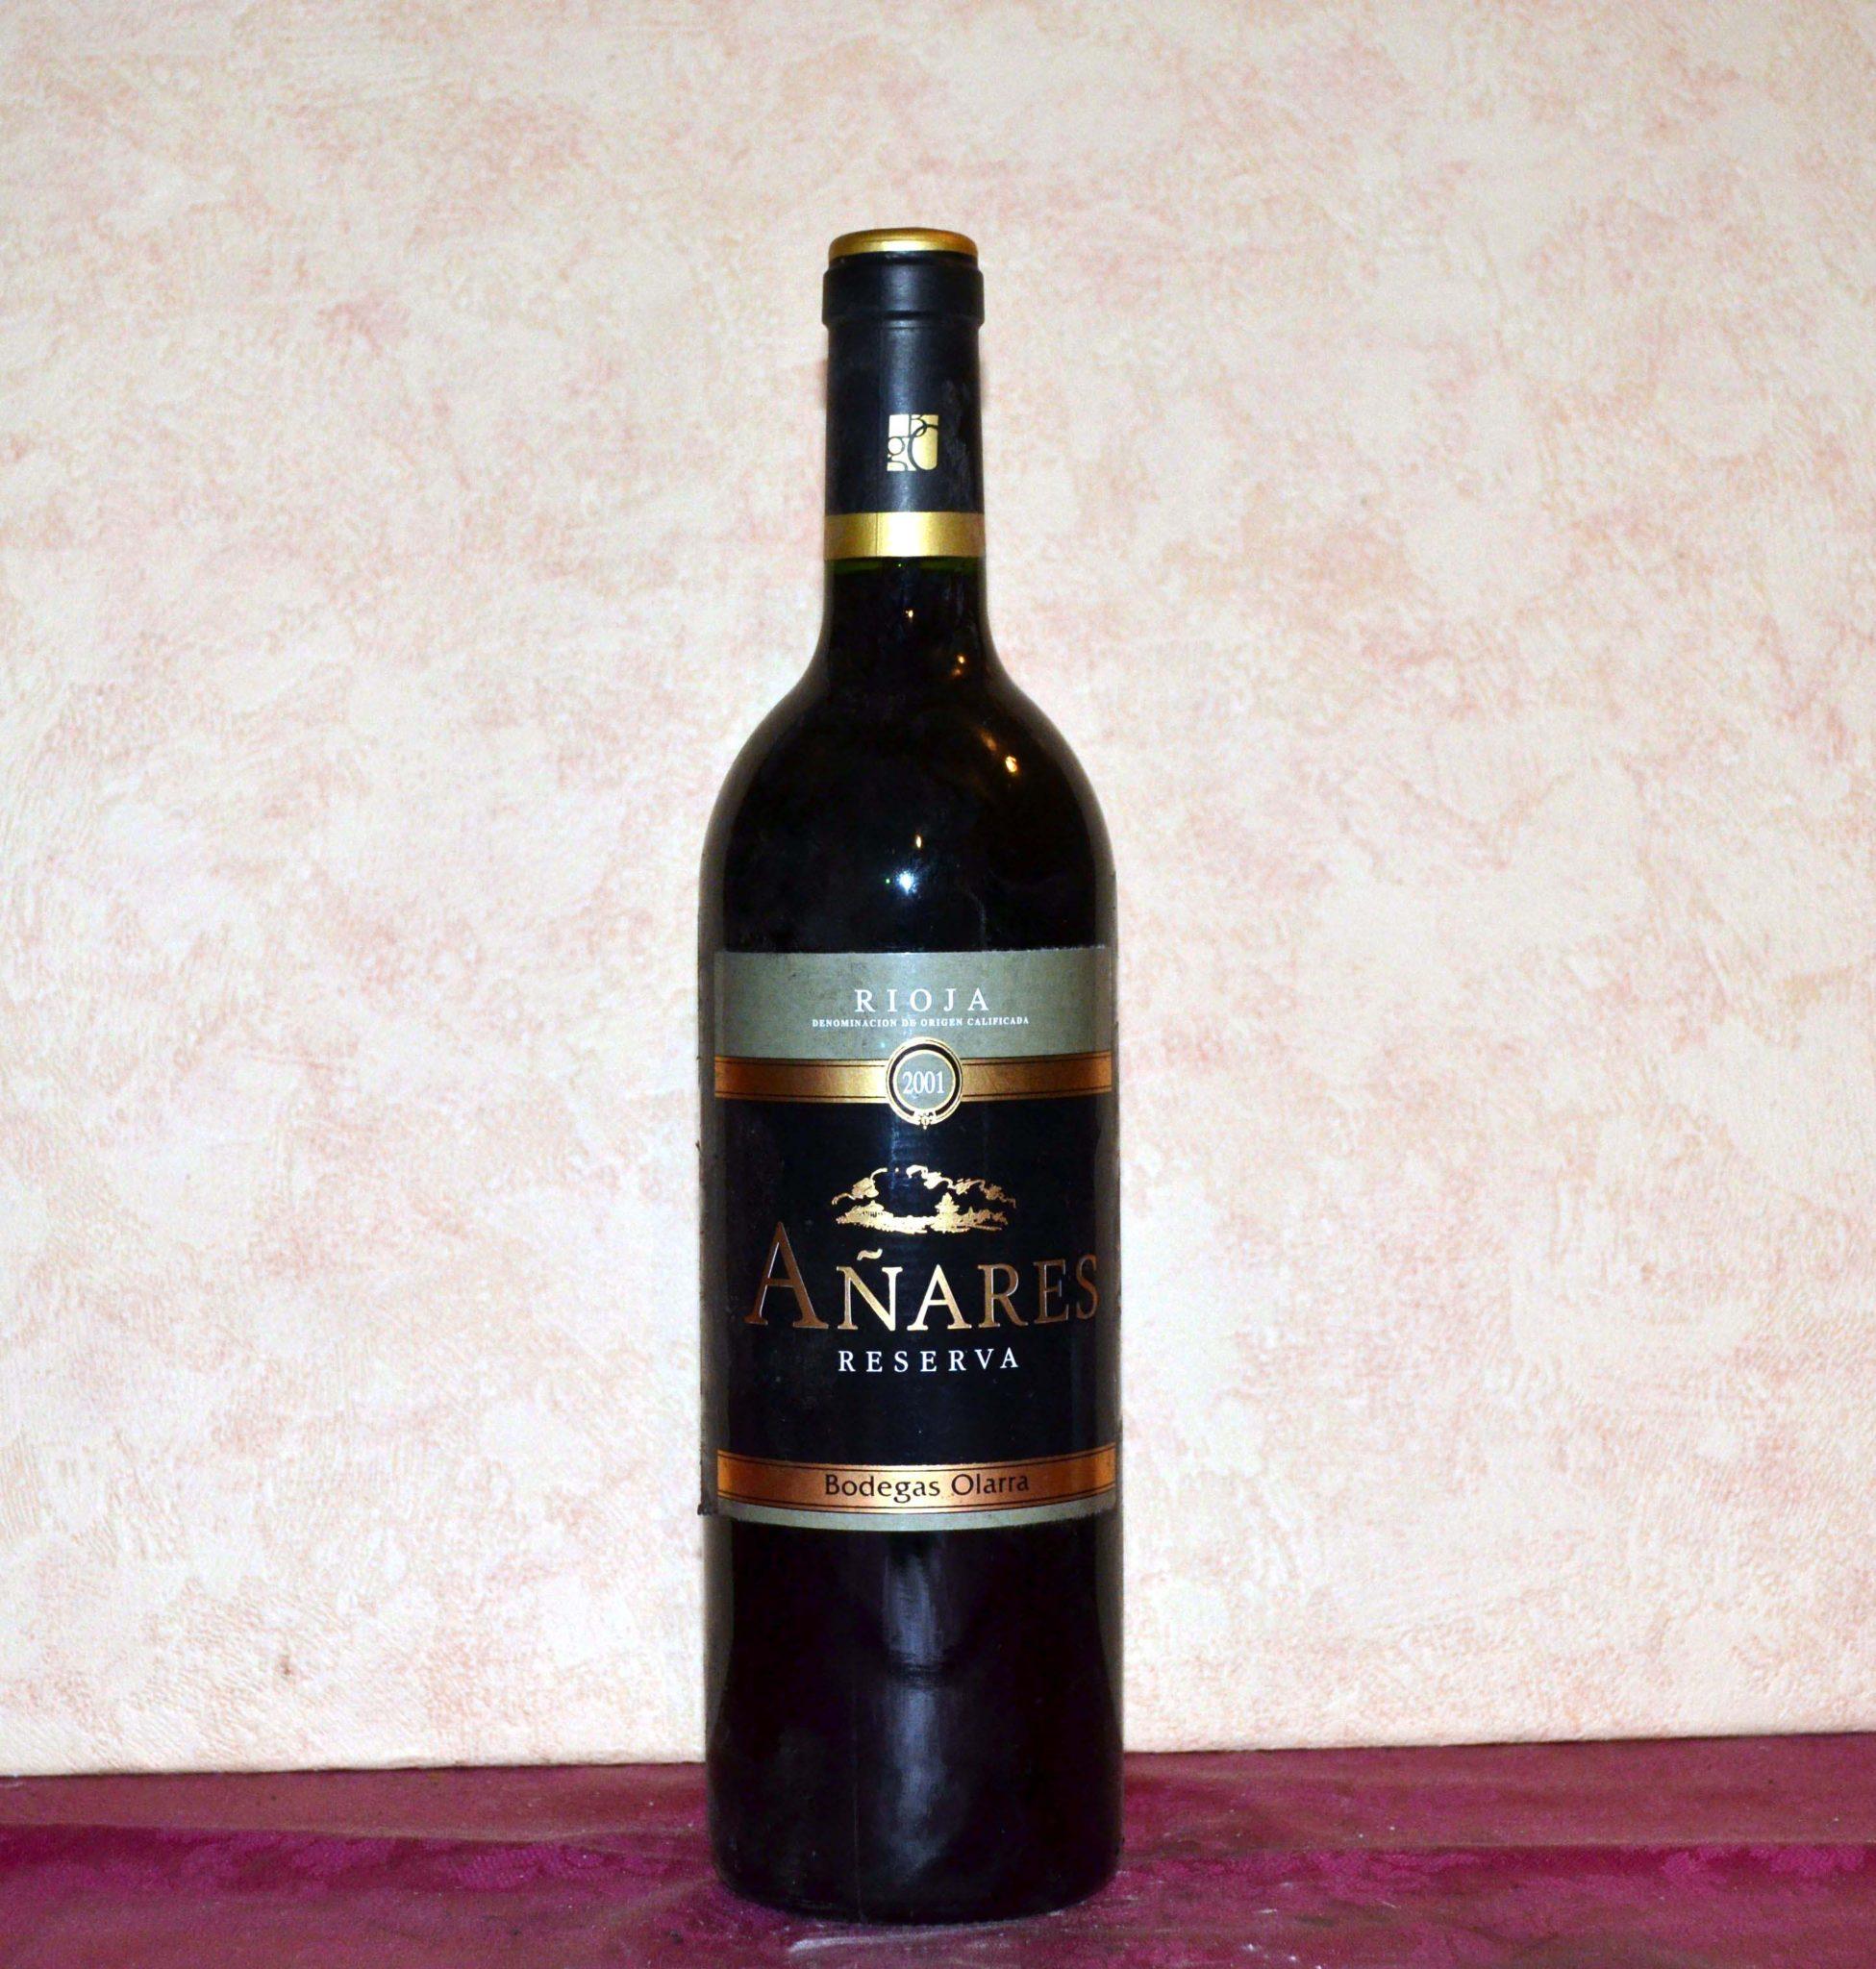 Añares Reserva 2001